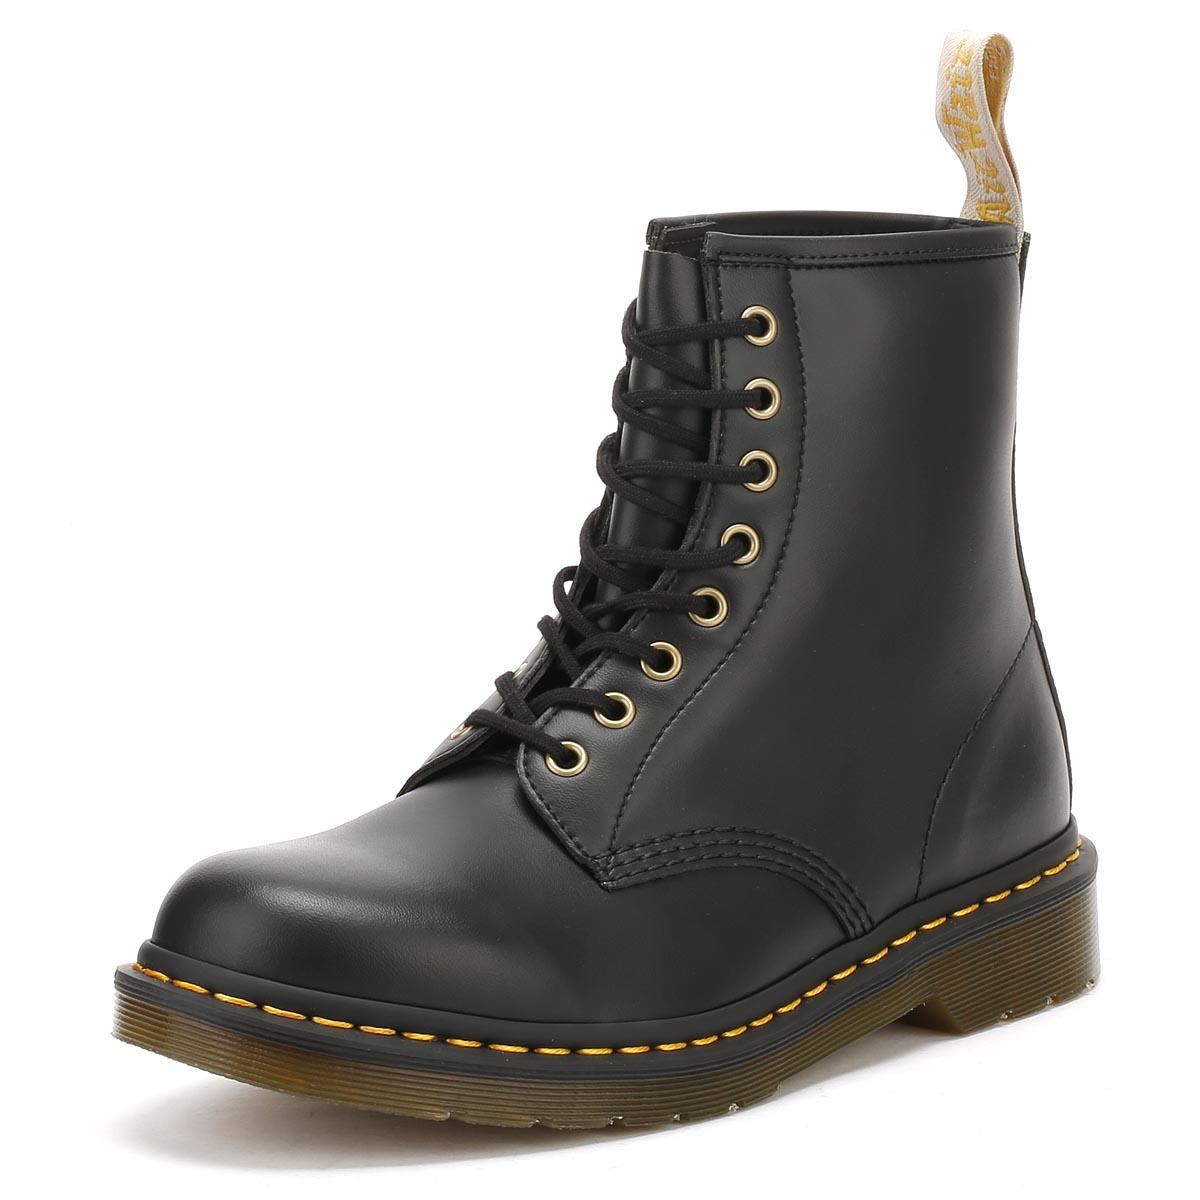 42487d6fa8d Details about Dr Martens Unisex Casual 1460 Ankle Boots Black Felix Rub Off  Vegan Lace Up Docs